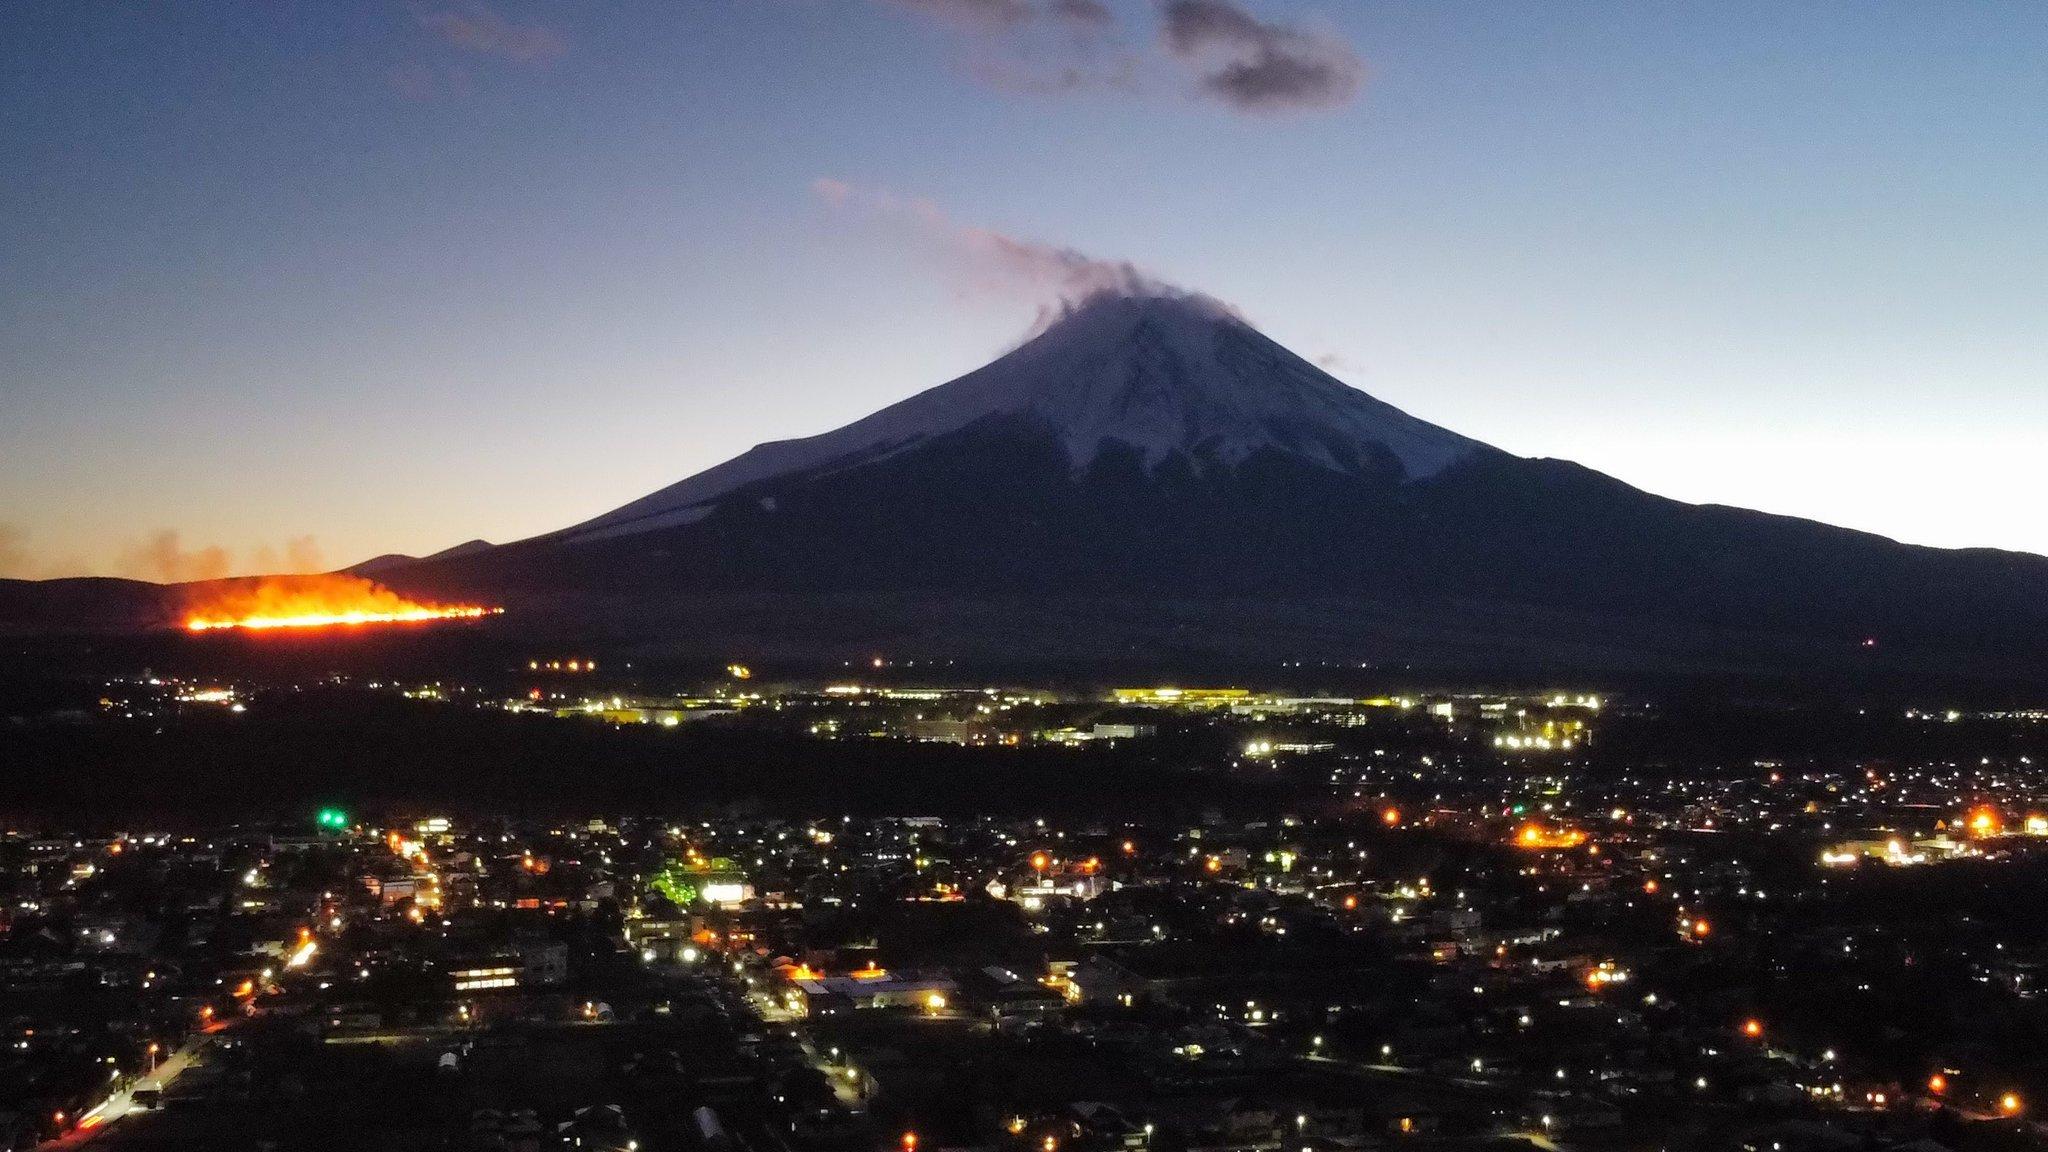 北富士演習場の火災現場の画像